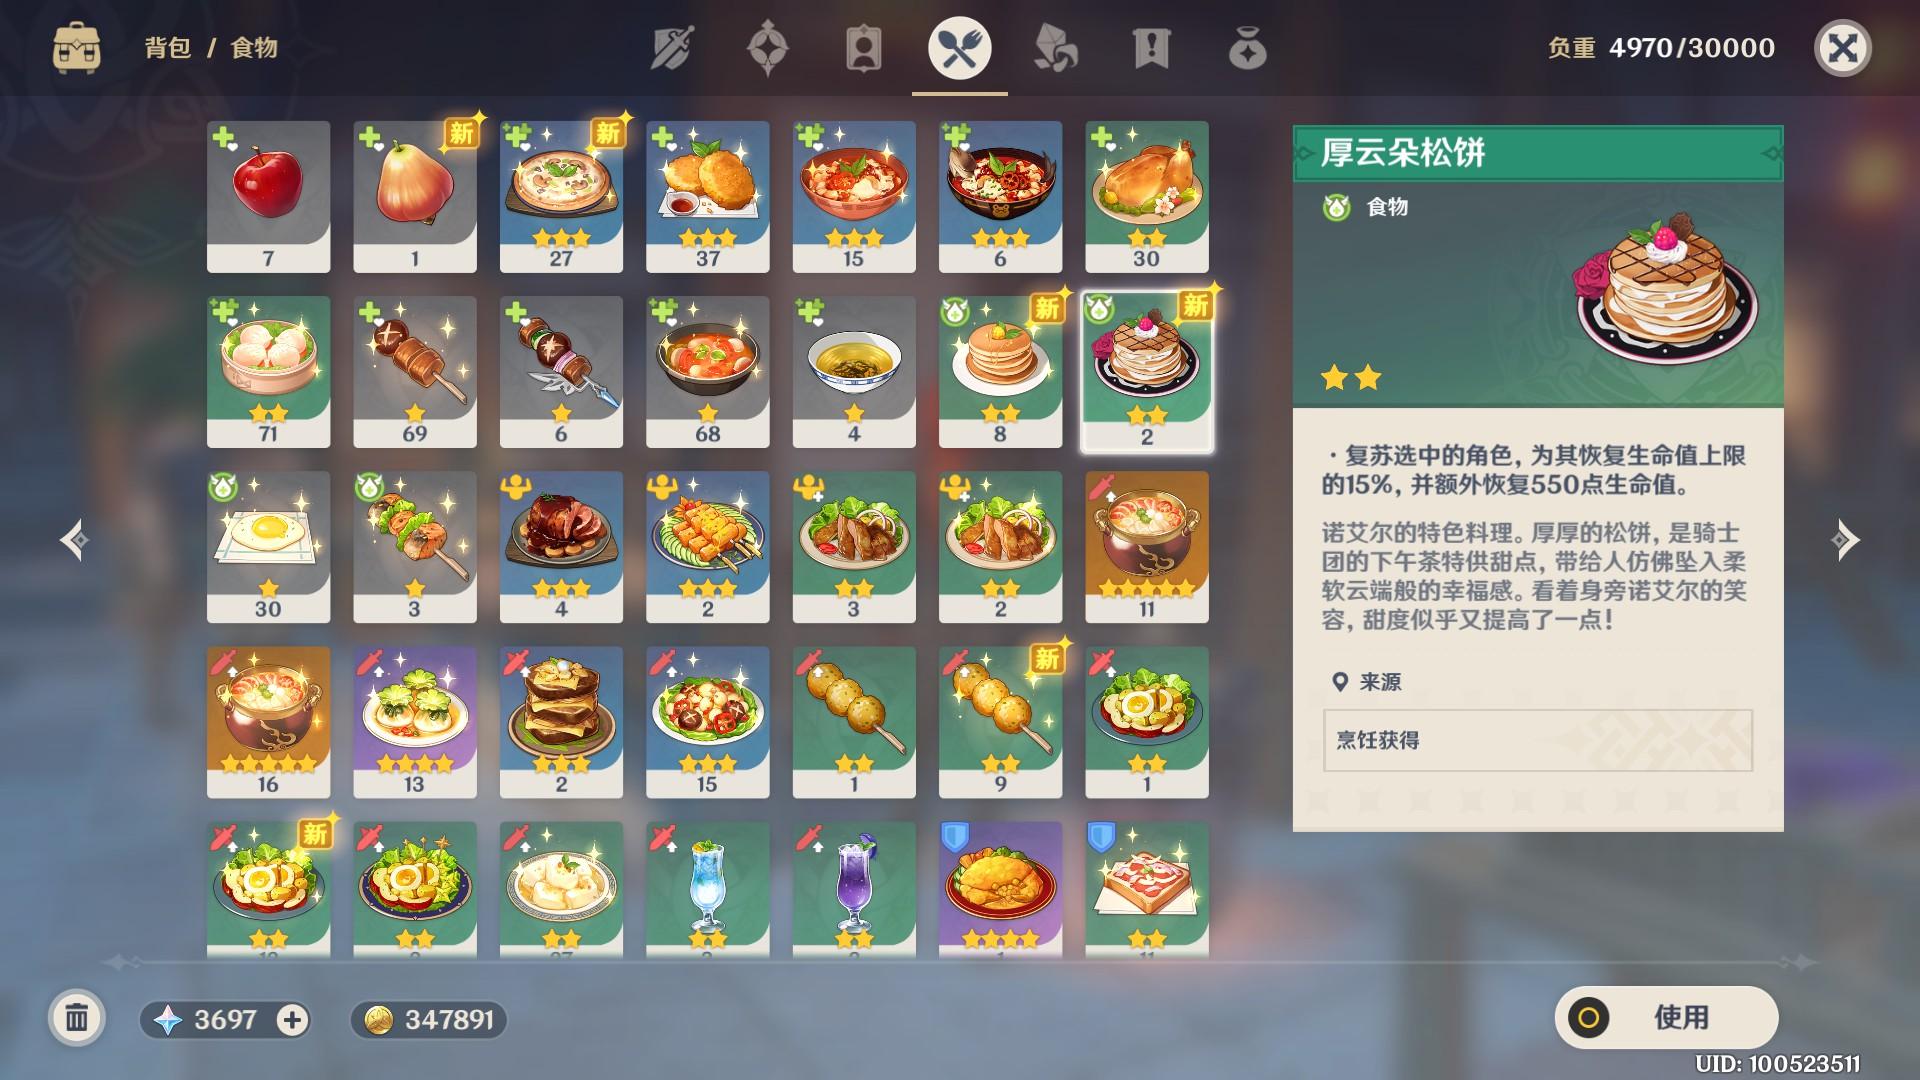 《原神》攻略|四大料理分類說明|料理製作所需食材與效果